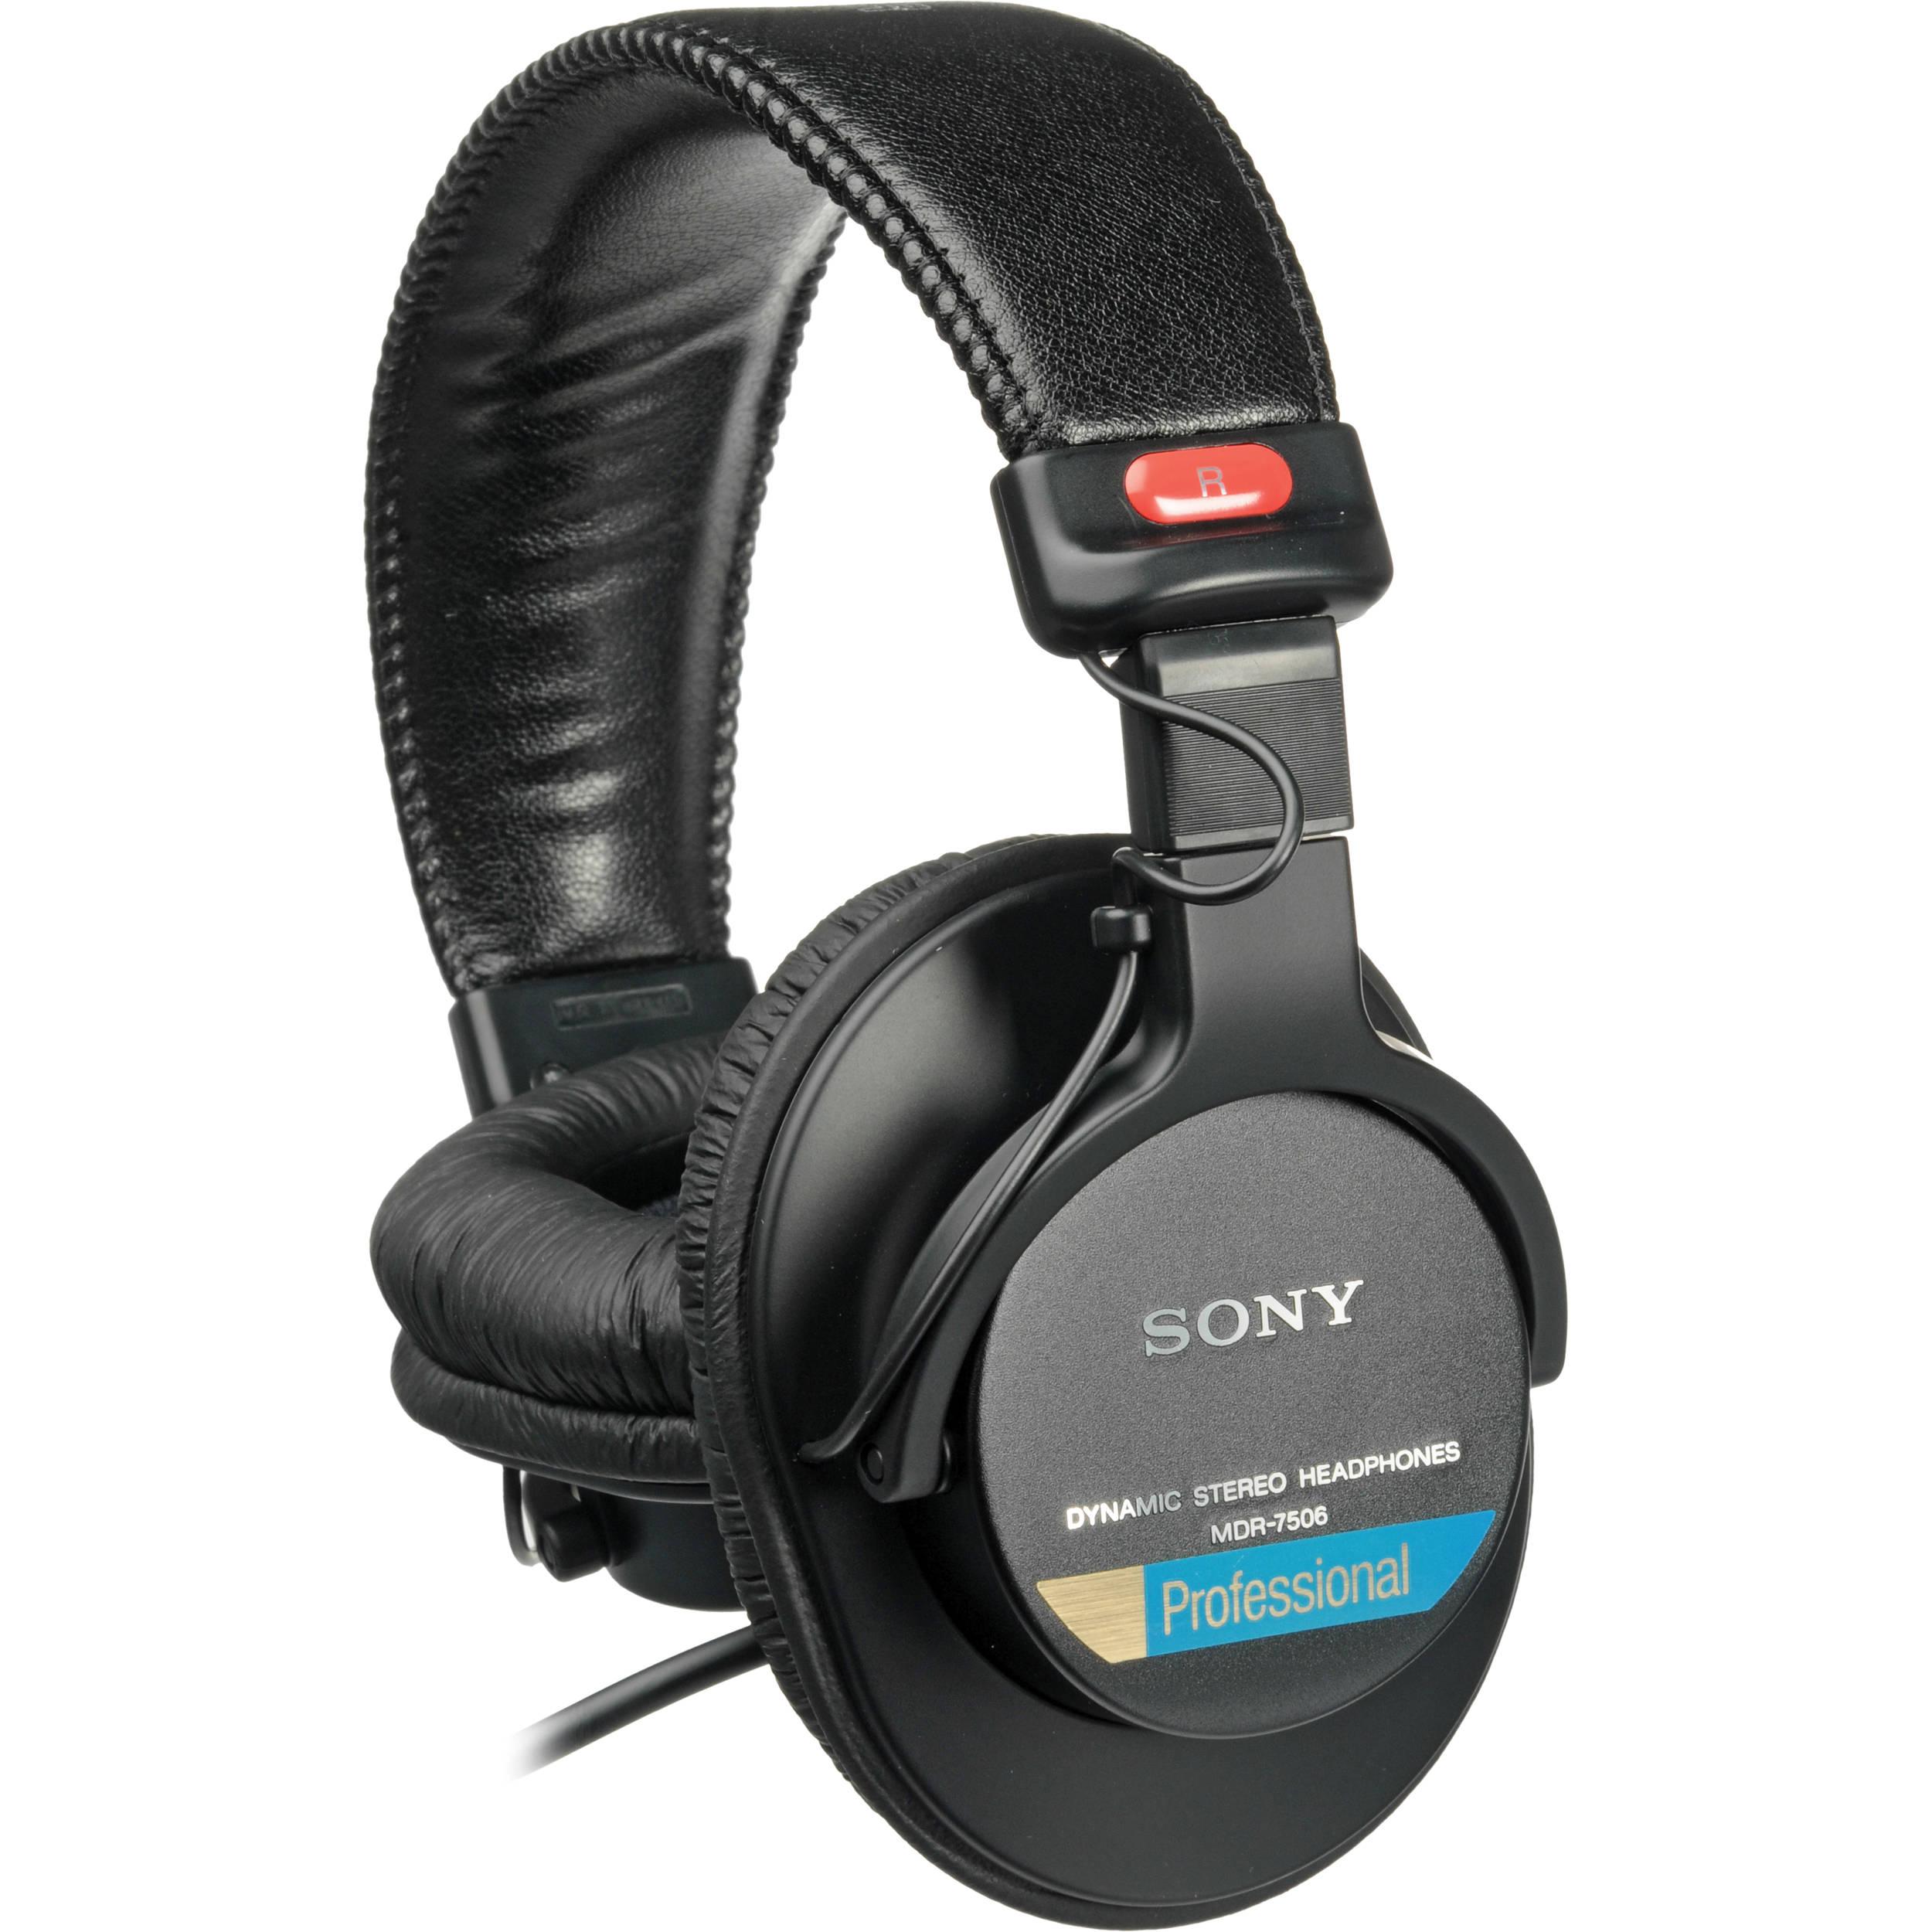 Sony MDR-7506 Headphones.jpg